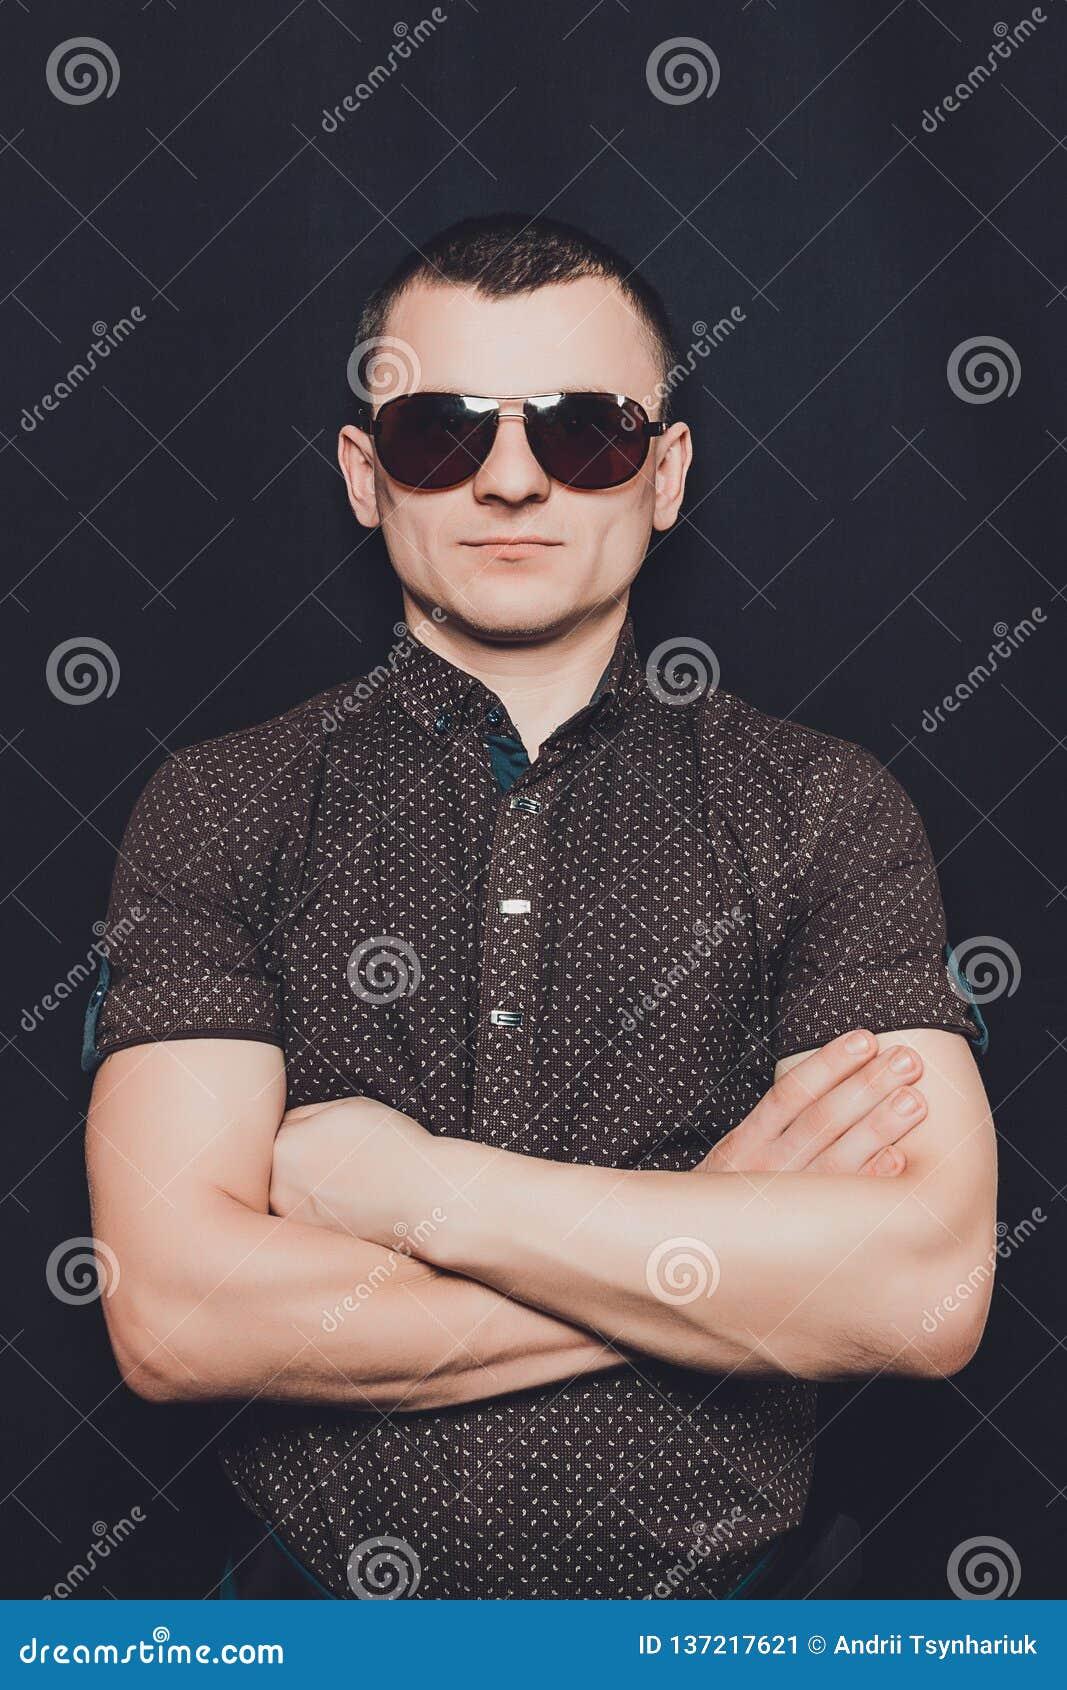 Retrato de un hombre vestido en una camisa negra y gafas de sol marrones